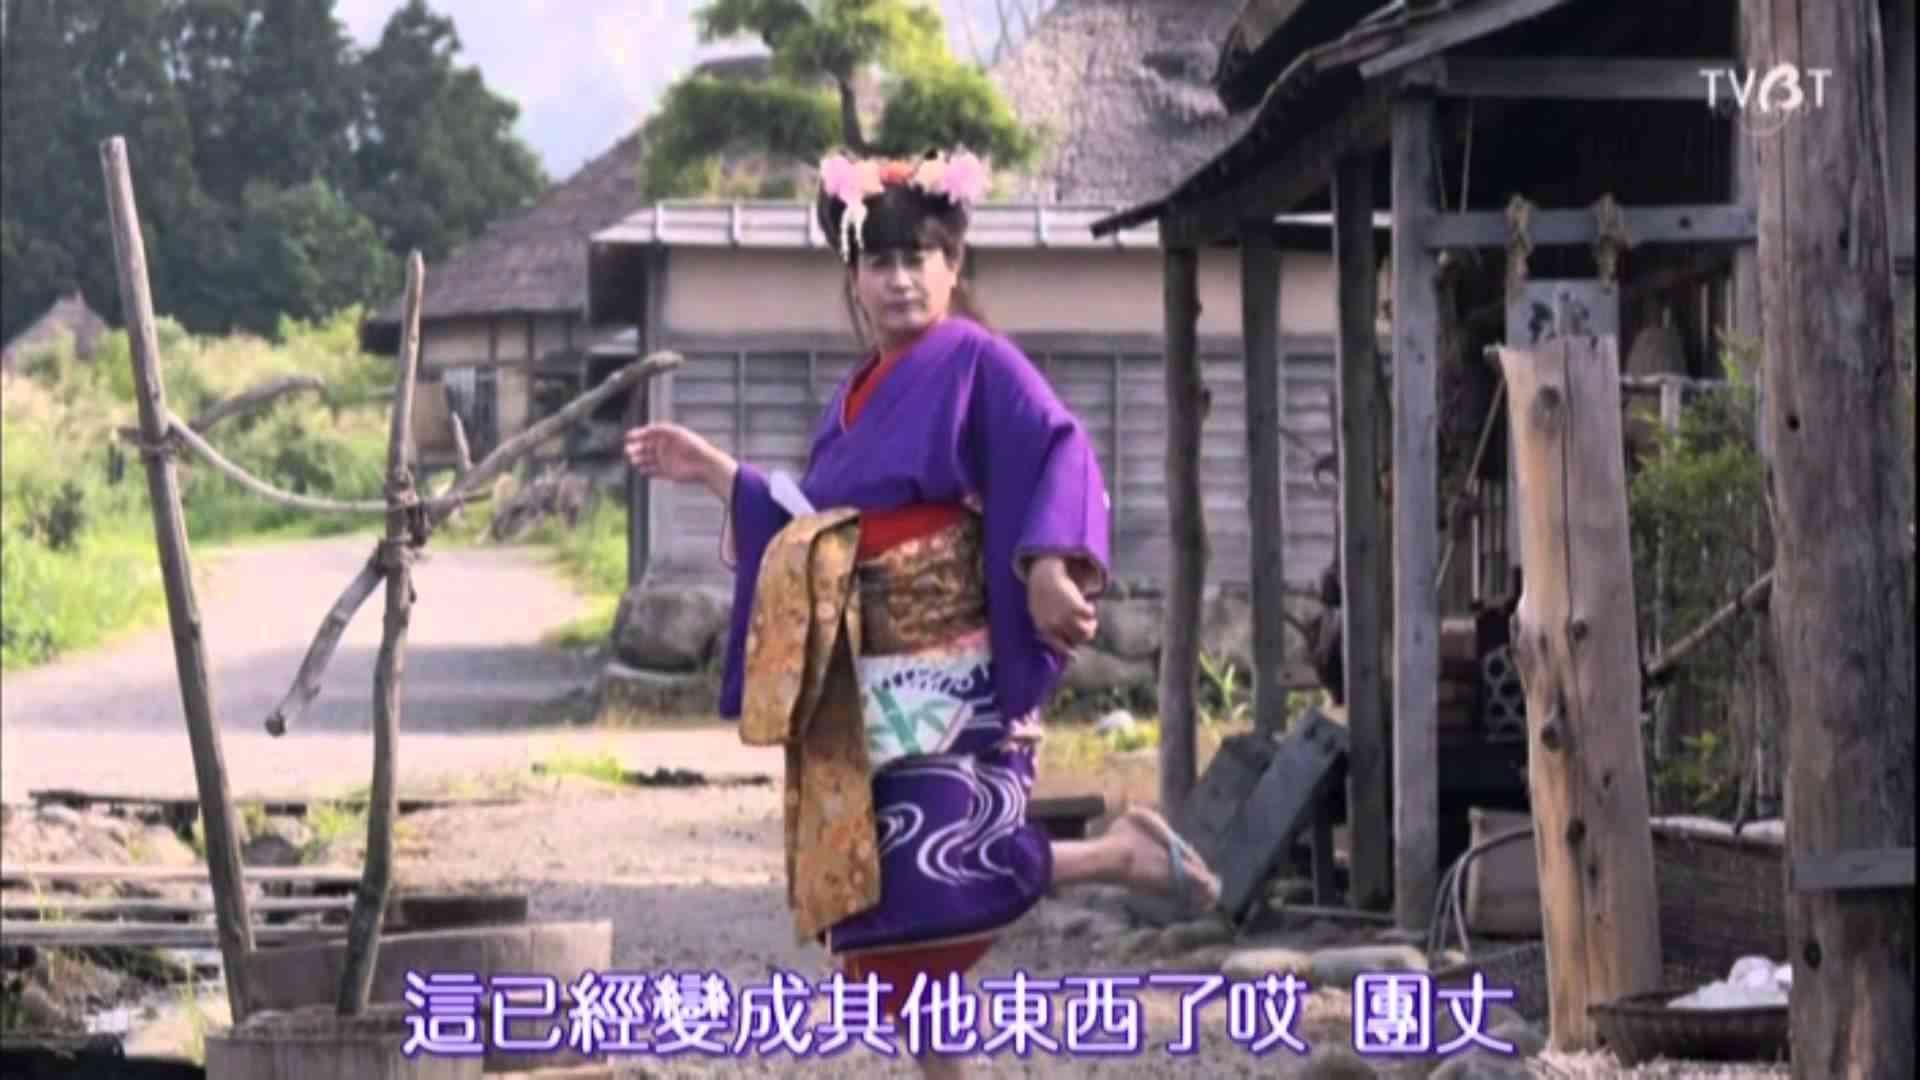 勇者義彥和魔王之城s2-03 - YouTube